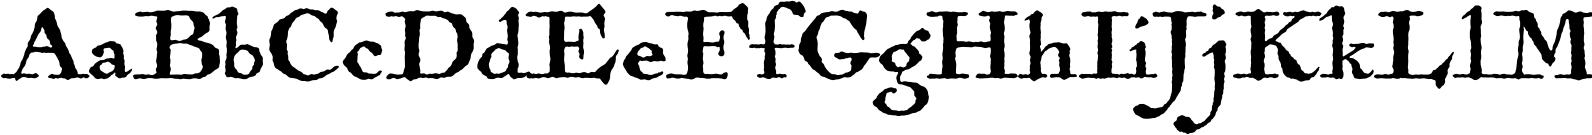 Antiquarian